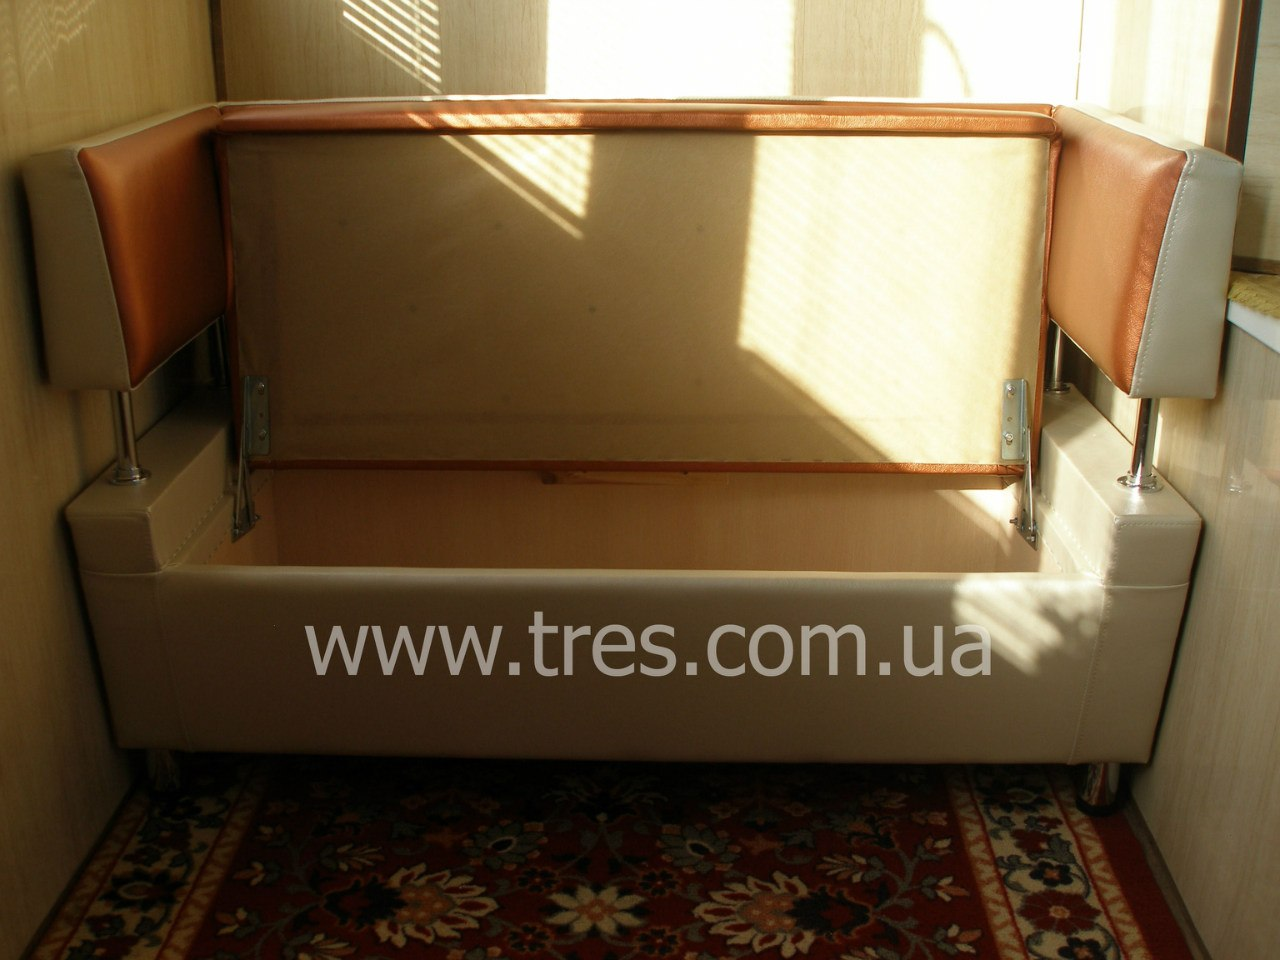 Кухонная лавка 999 с боковыми спинками купить, киев, цена.